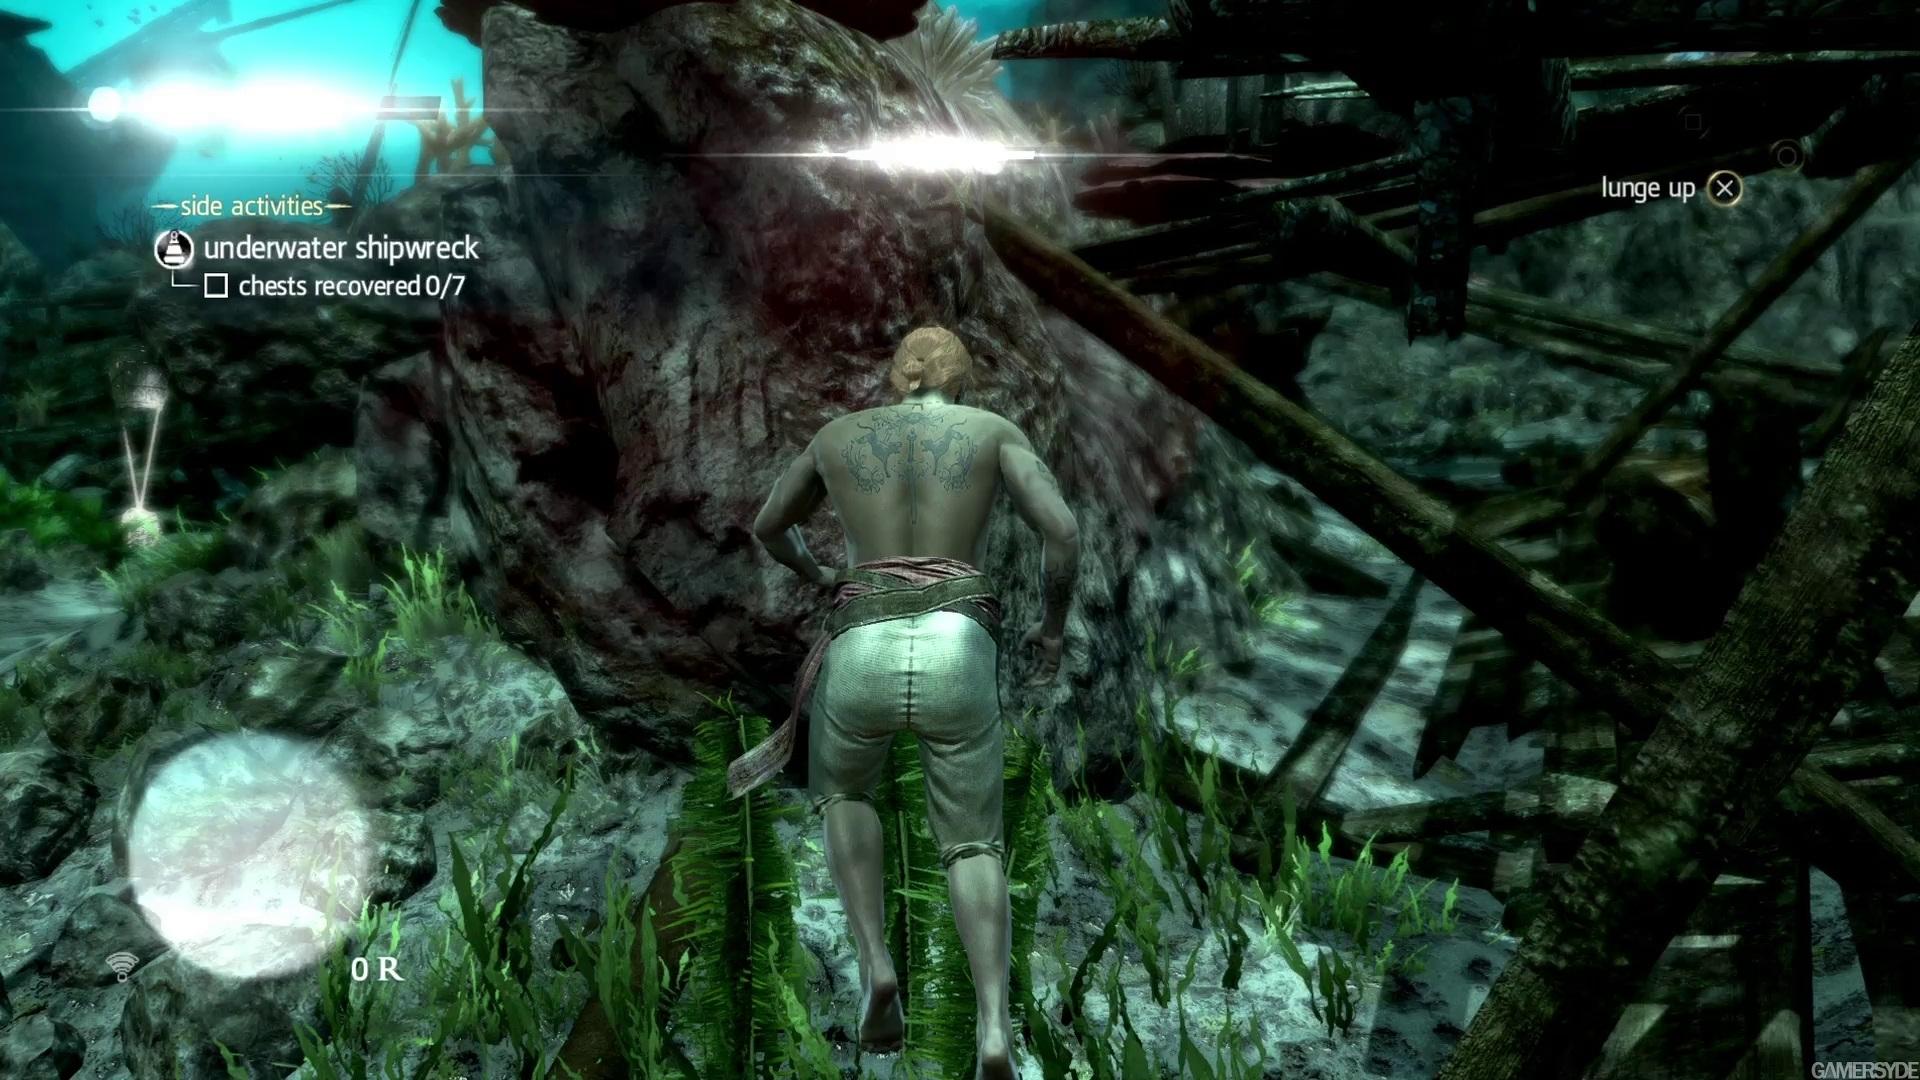 image   23118 1 0009 با تصاویر جدید Assassins Creed IV، شکار کوسه، پیدا کردن گنج ها در زیر آب و بیشتر را ببینید